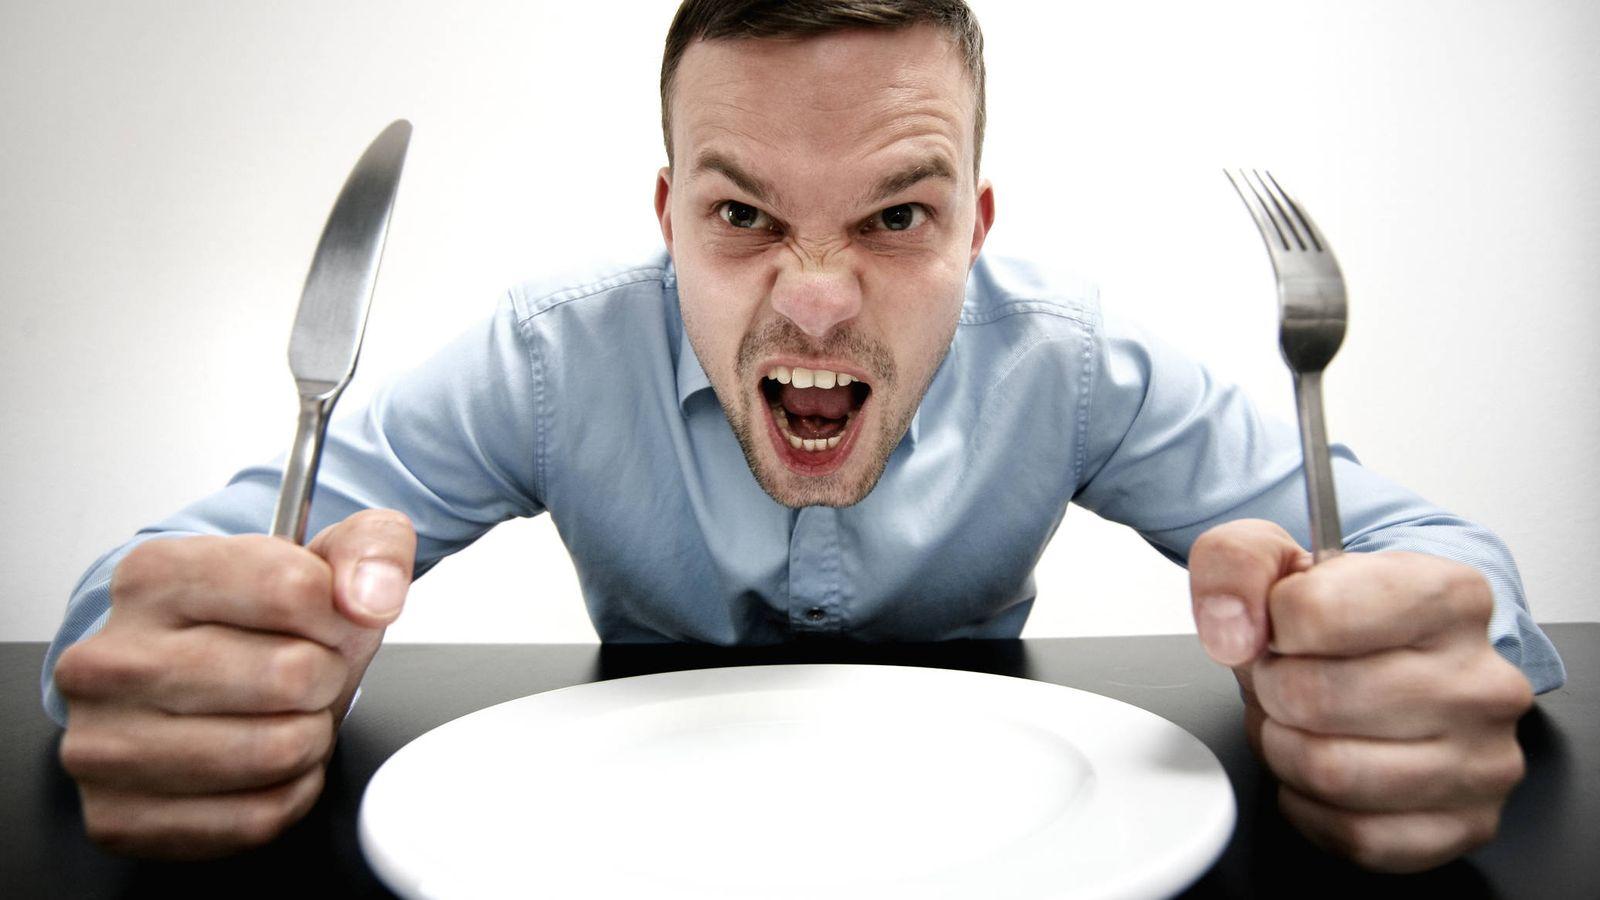 Alimentación Las Razones Por Las Que Siempre Tienes Hambre En Qué Te Equivocas